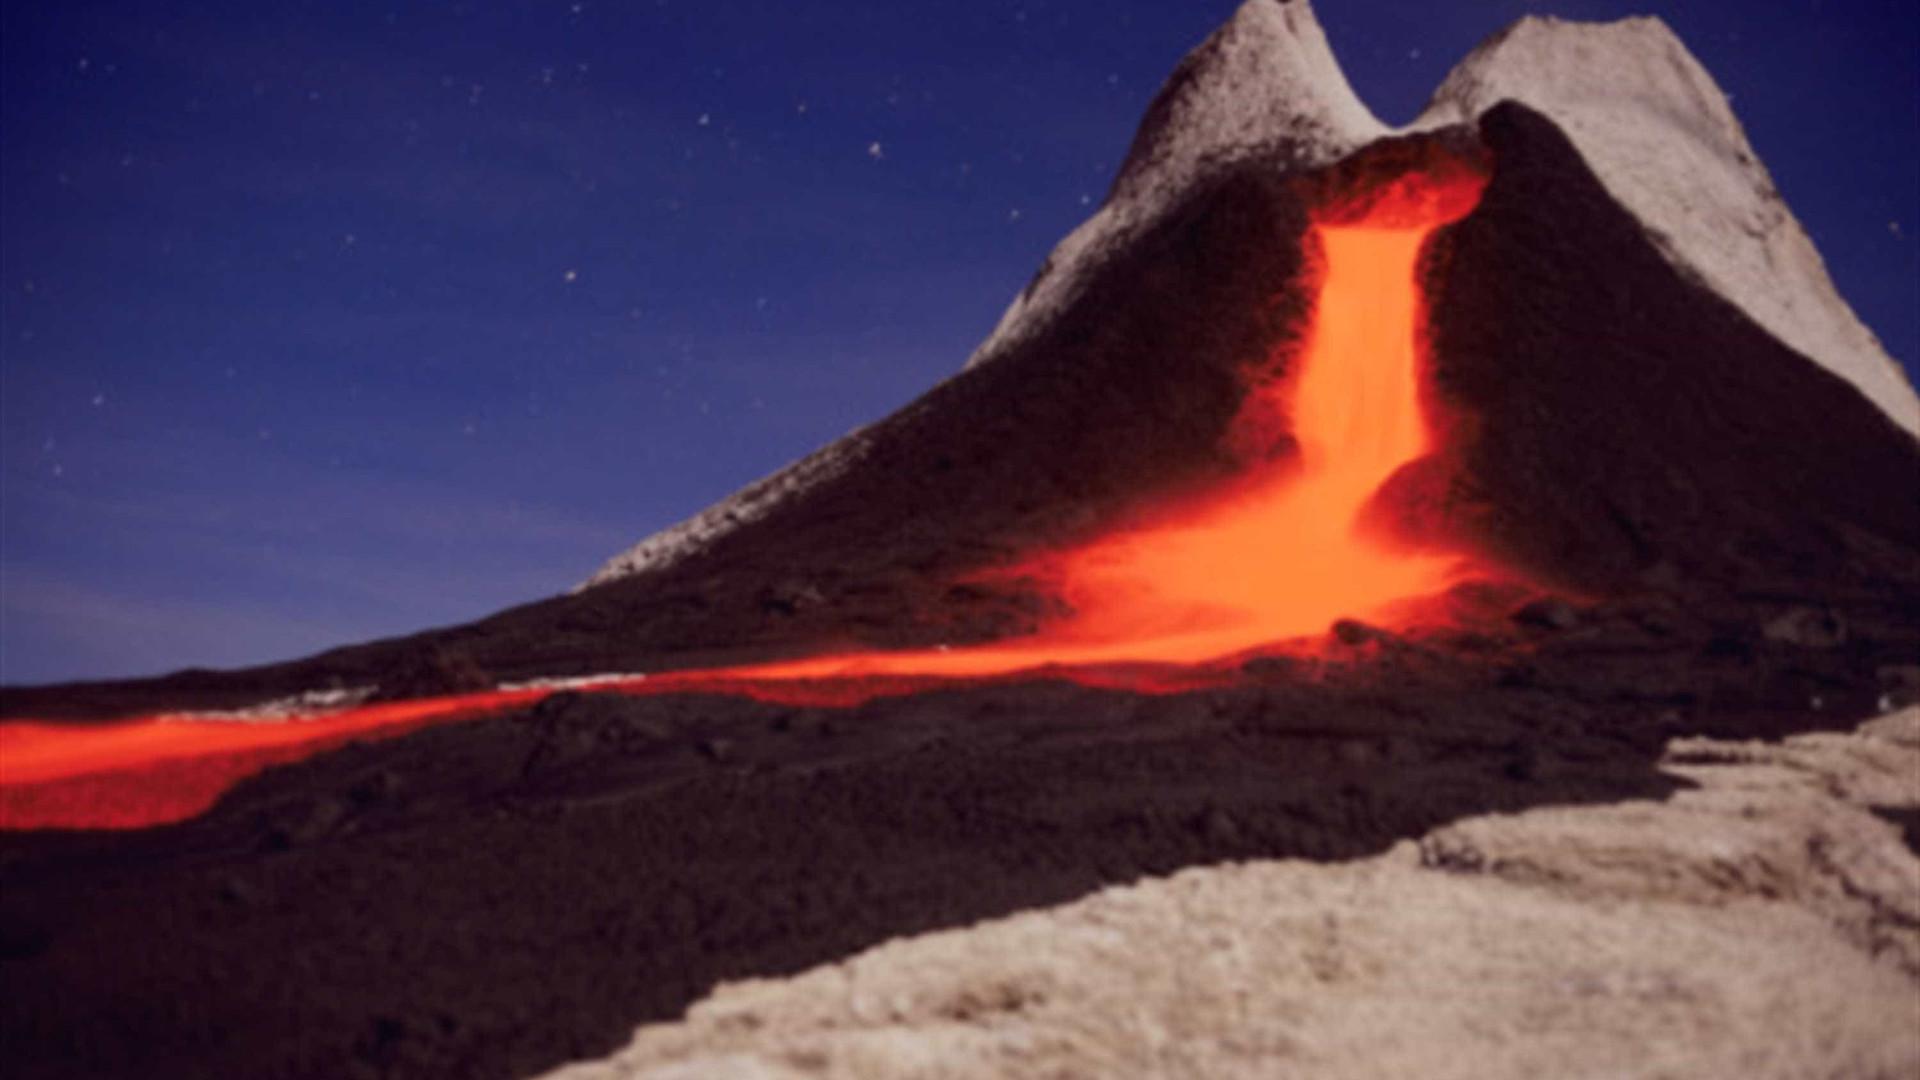 30 imagens incríveis de lavas e vulcões